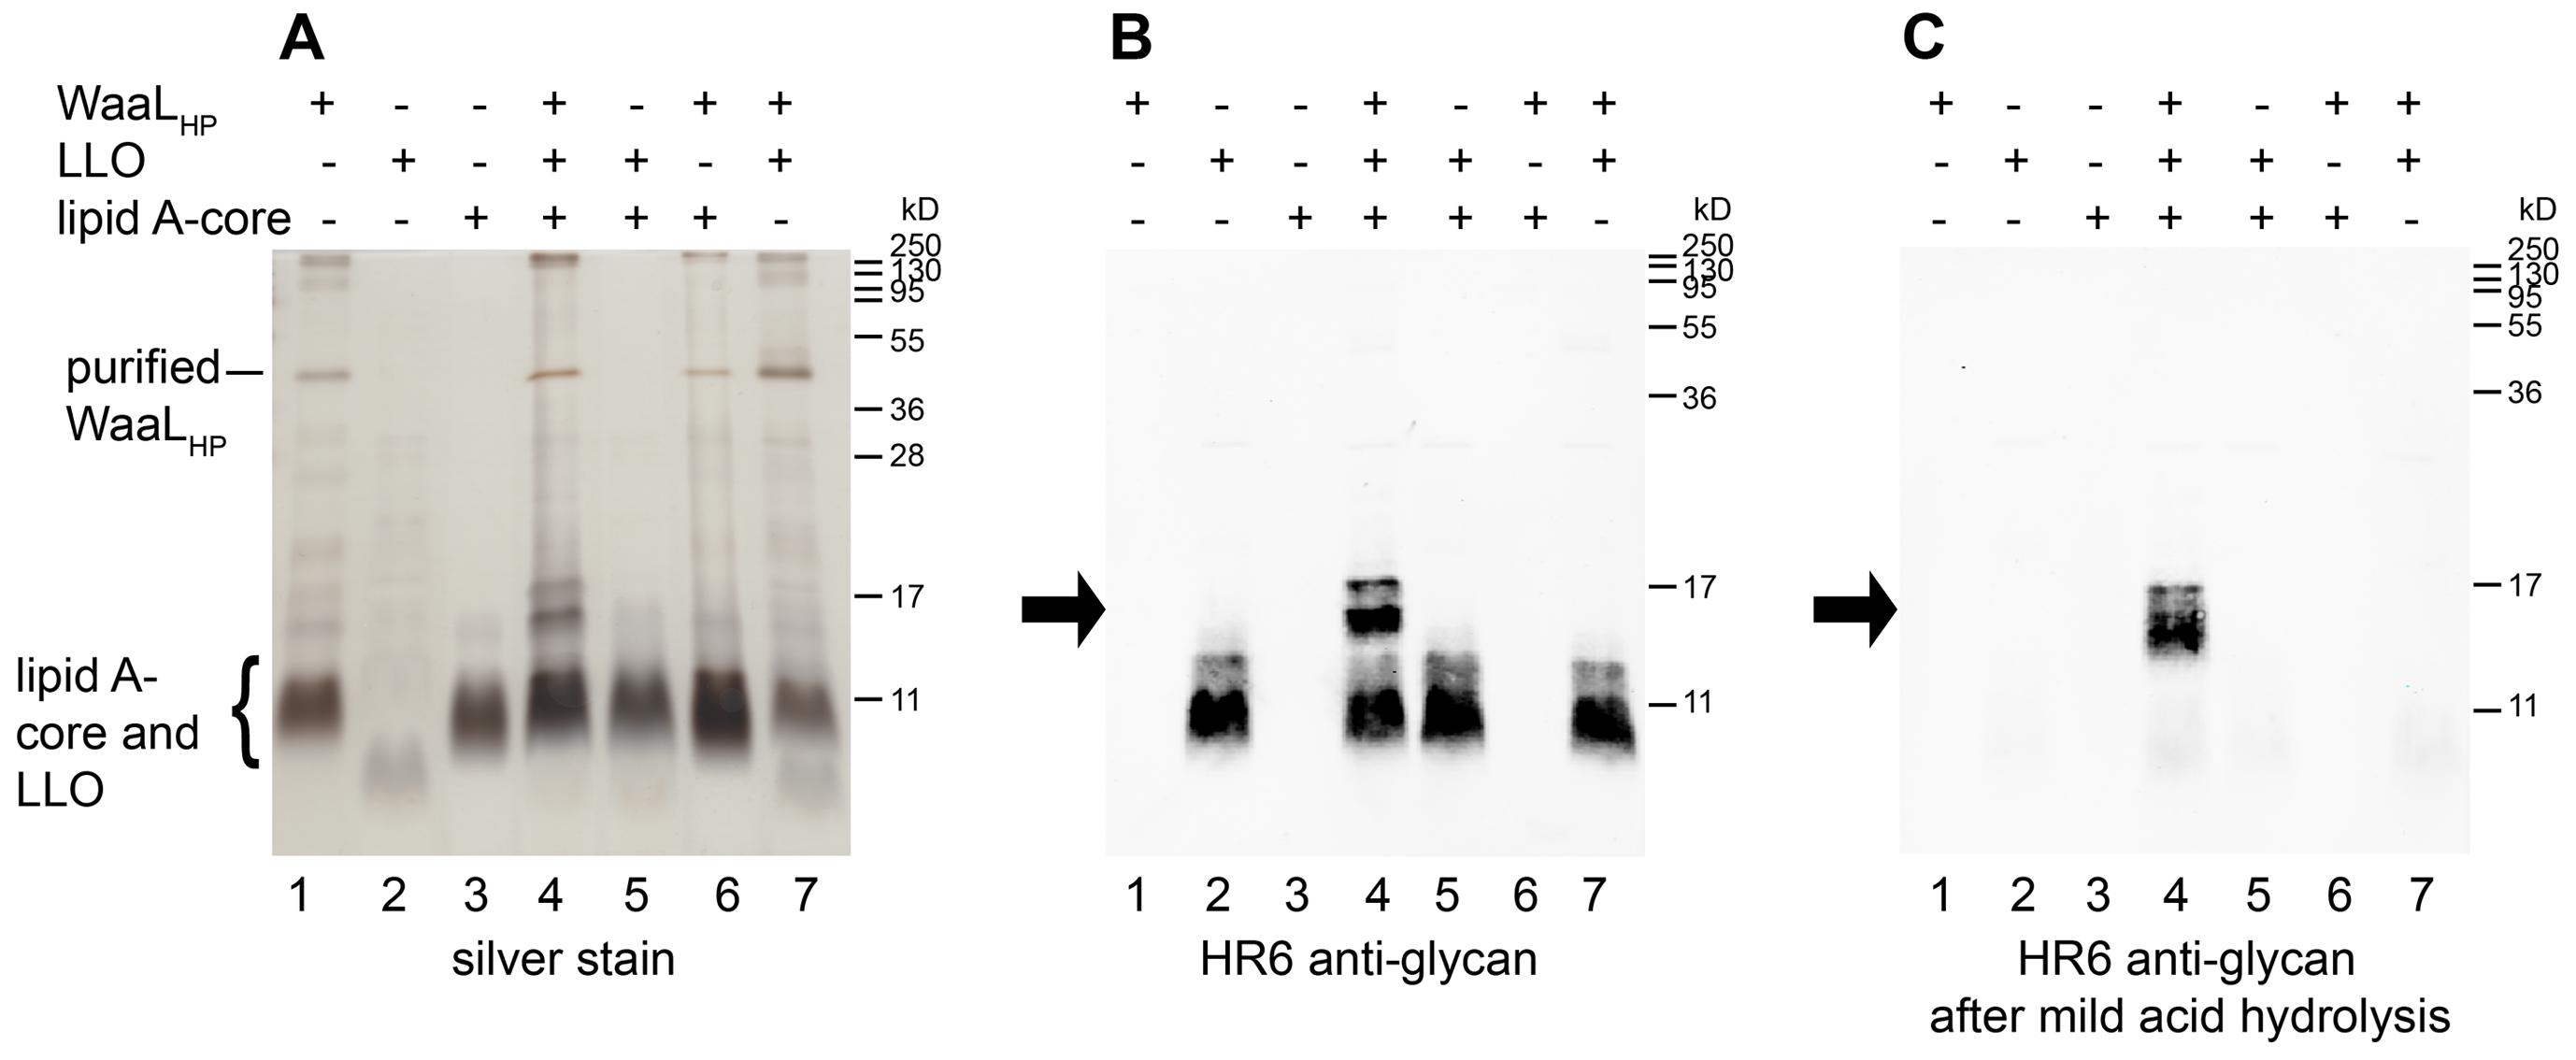 Demonstration of WaaL<sub>HP</sub> activity <i>in vitro</i>.